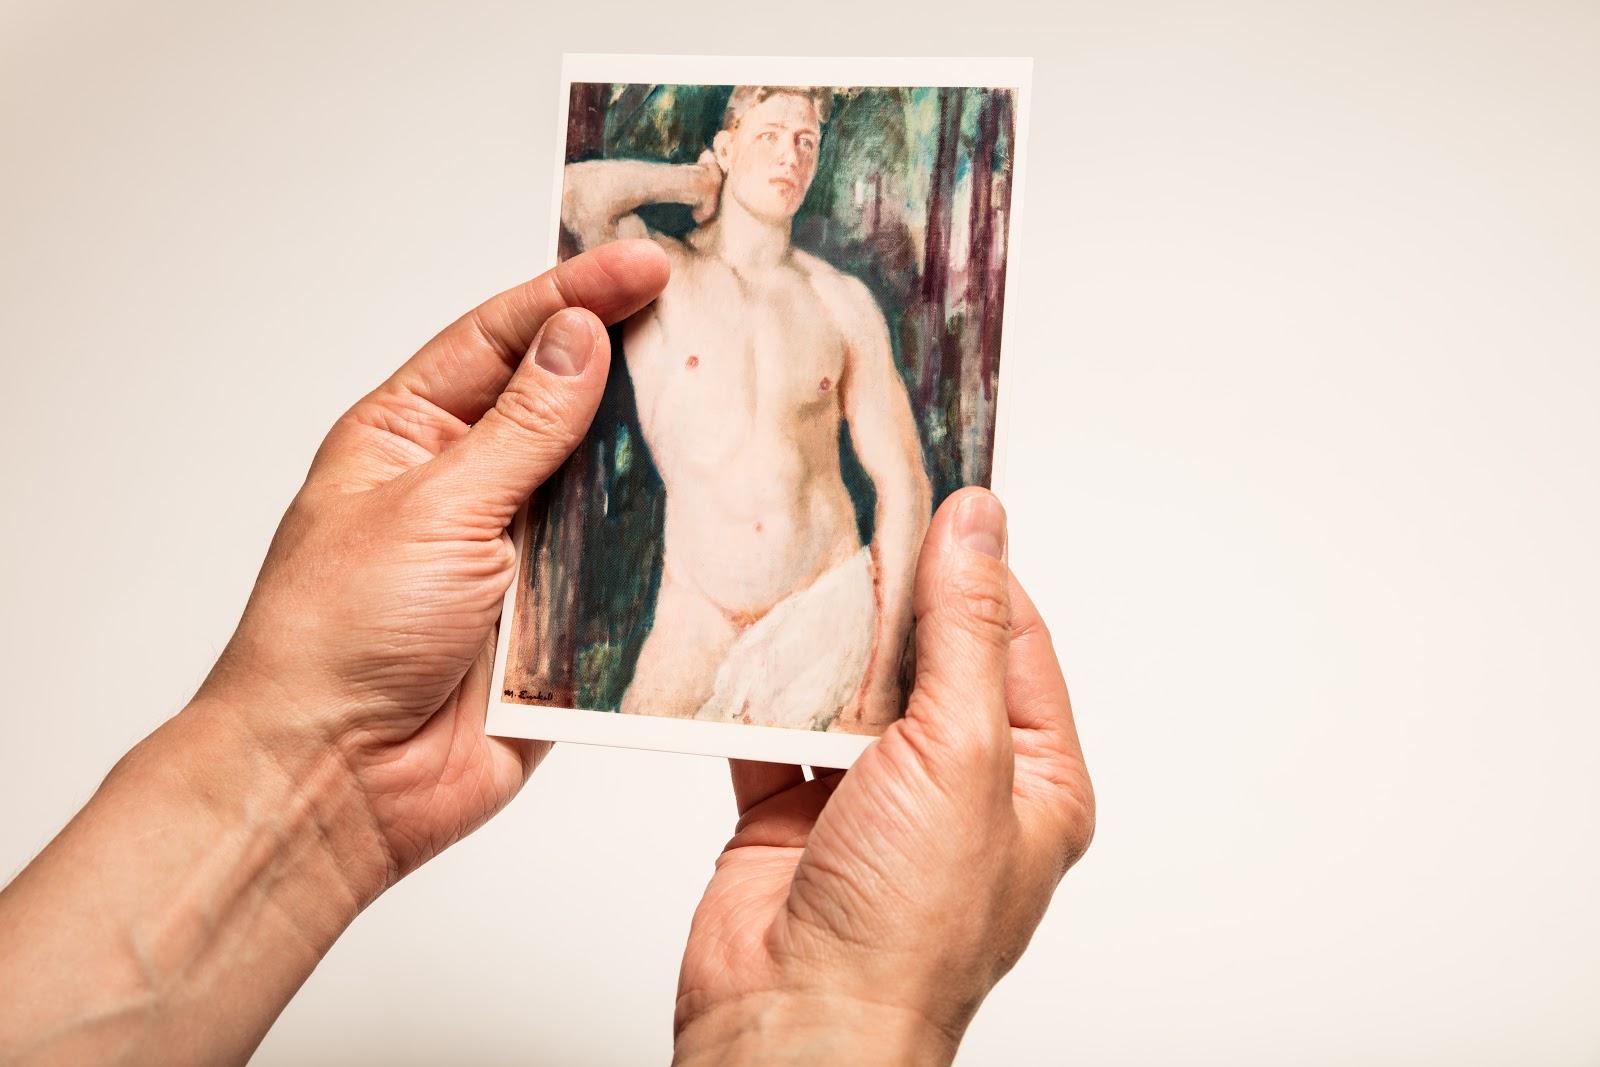 Kuvia alaston nude-perheistä-8516